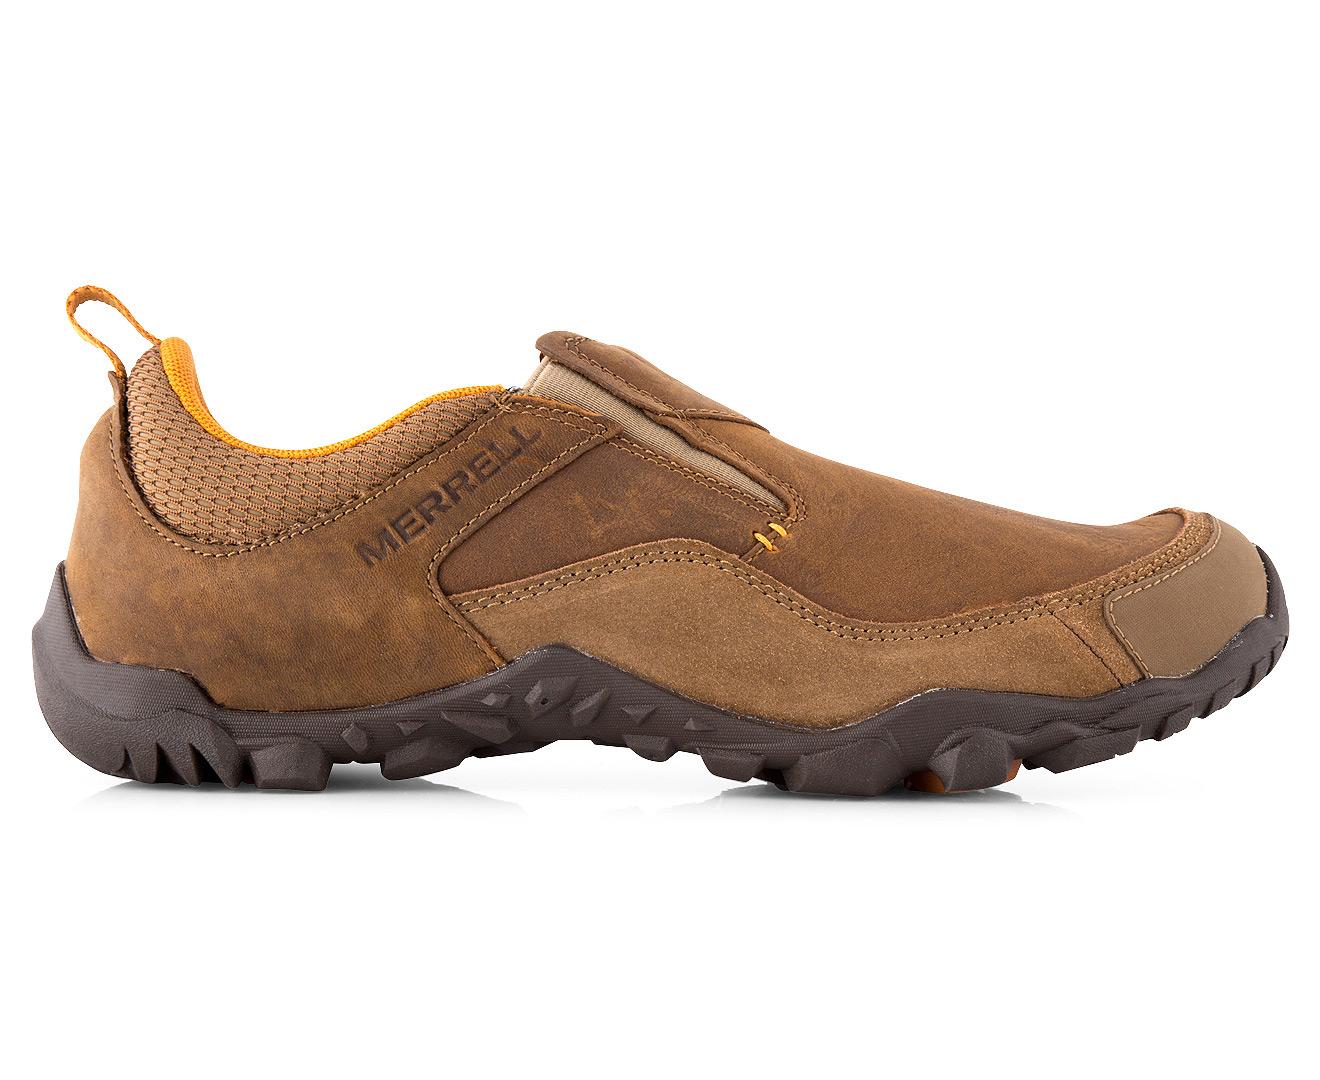 Scoopon Merell Shoes Men